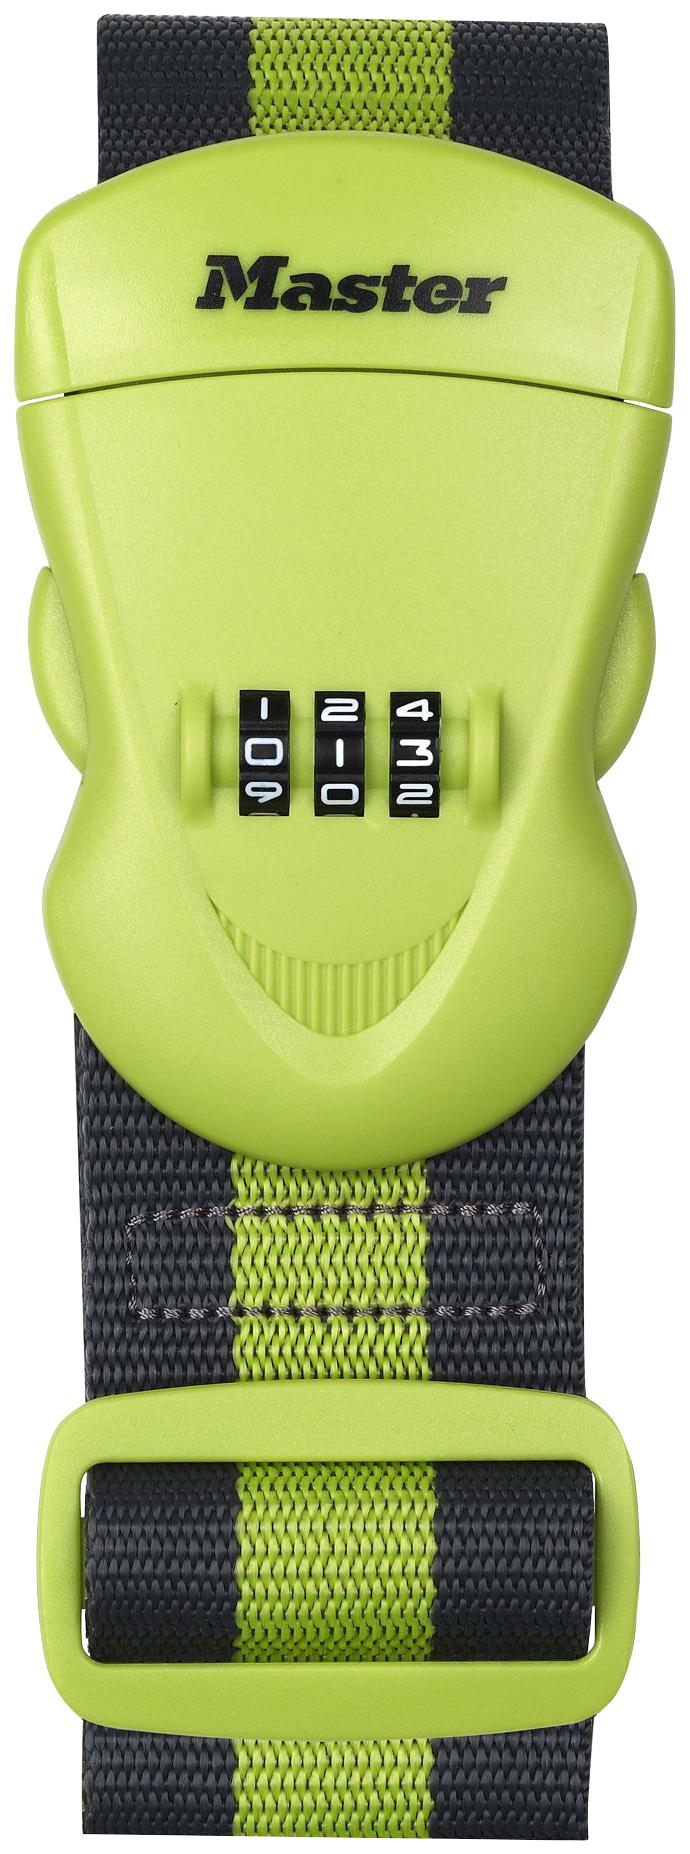 Master Lock Koffergurt, mit Zahlenschloss, 2 m grün Koffergurt